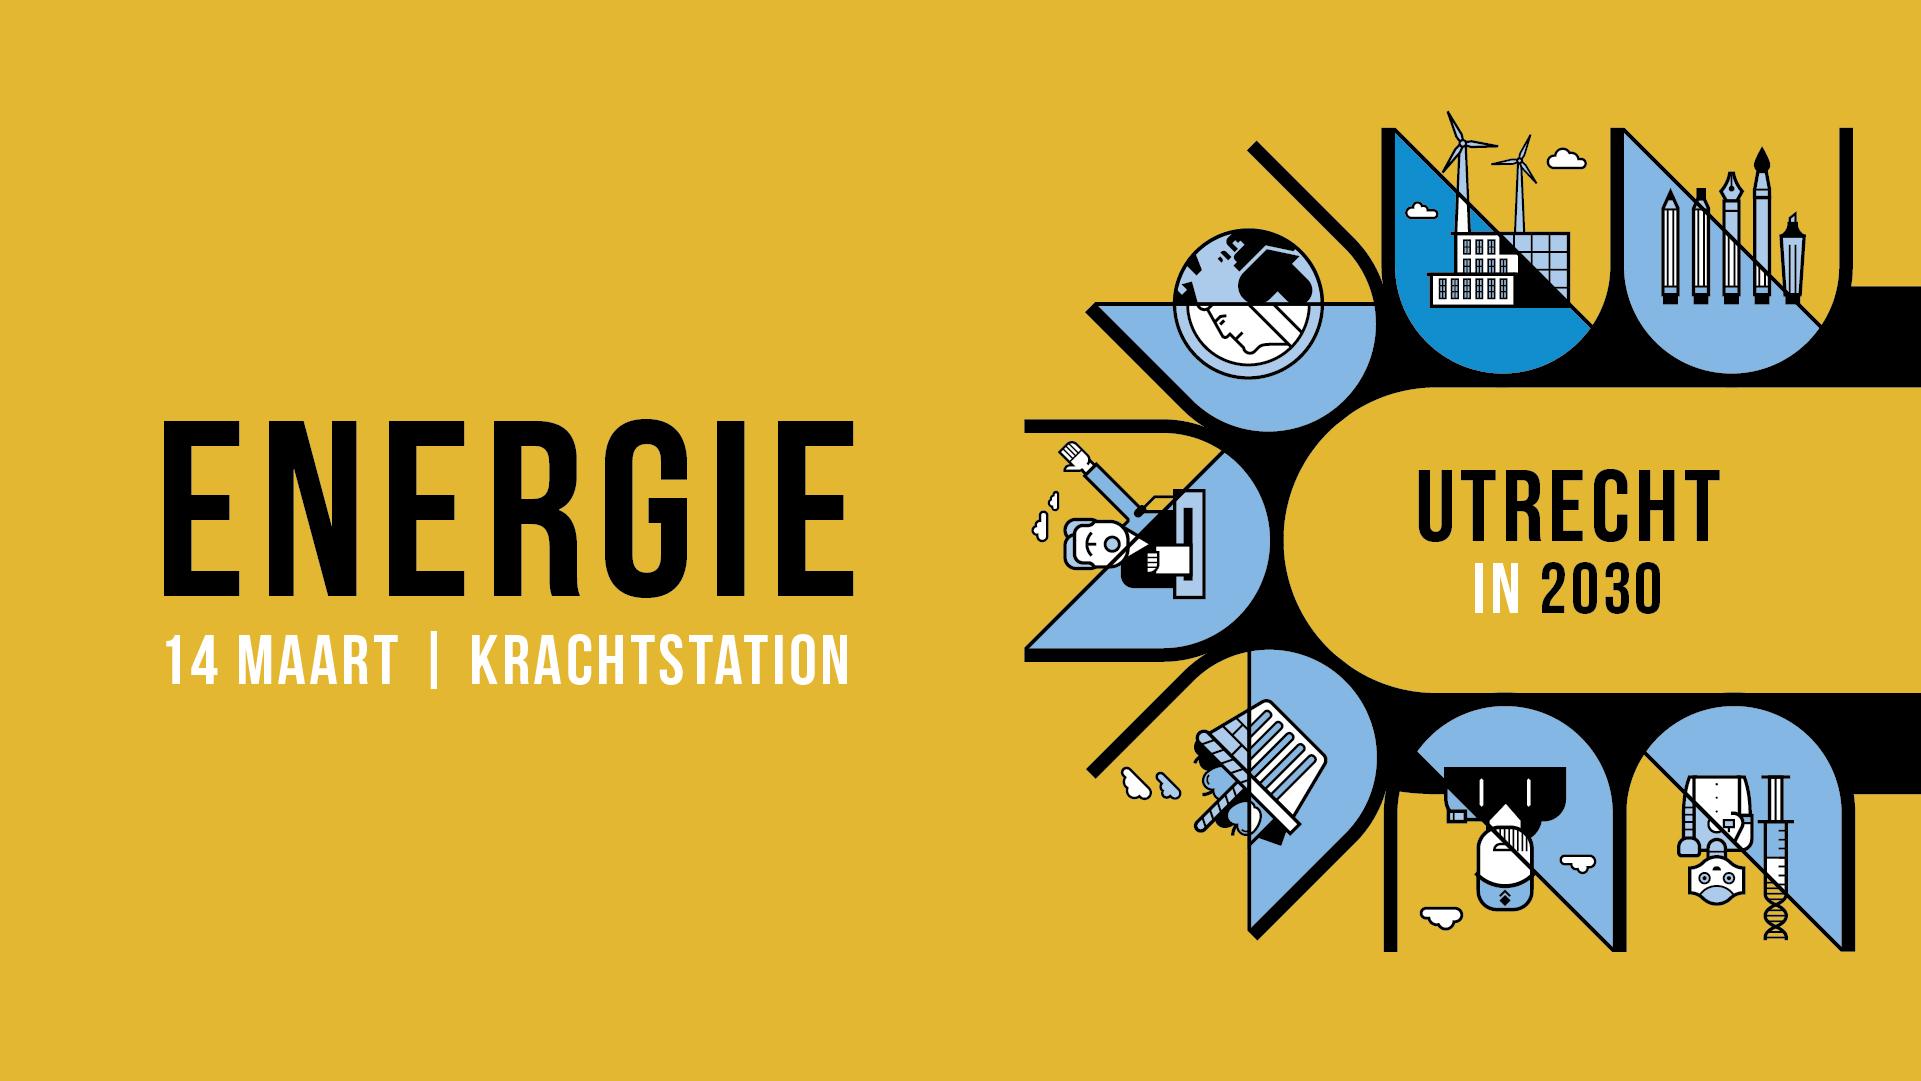 Utrecht2030_Facebook_Eventbanner_Energie